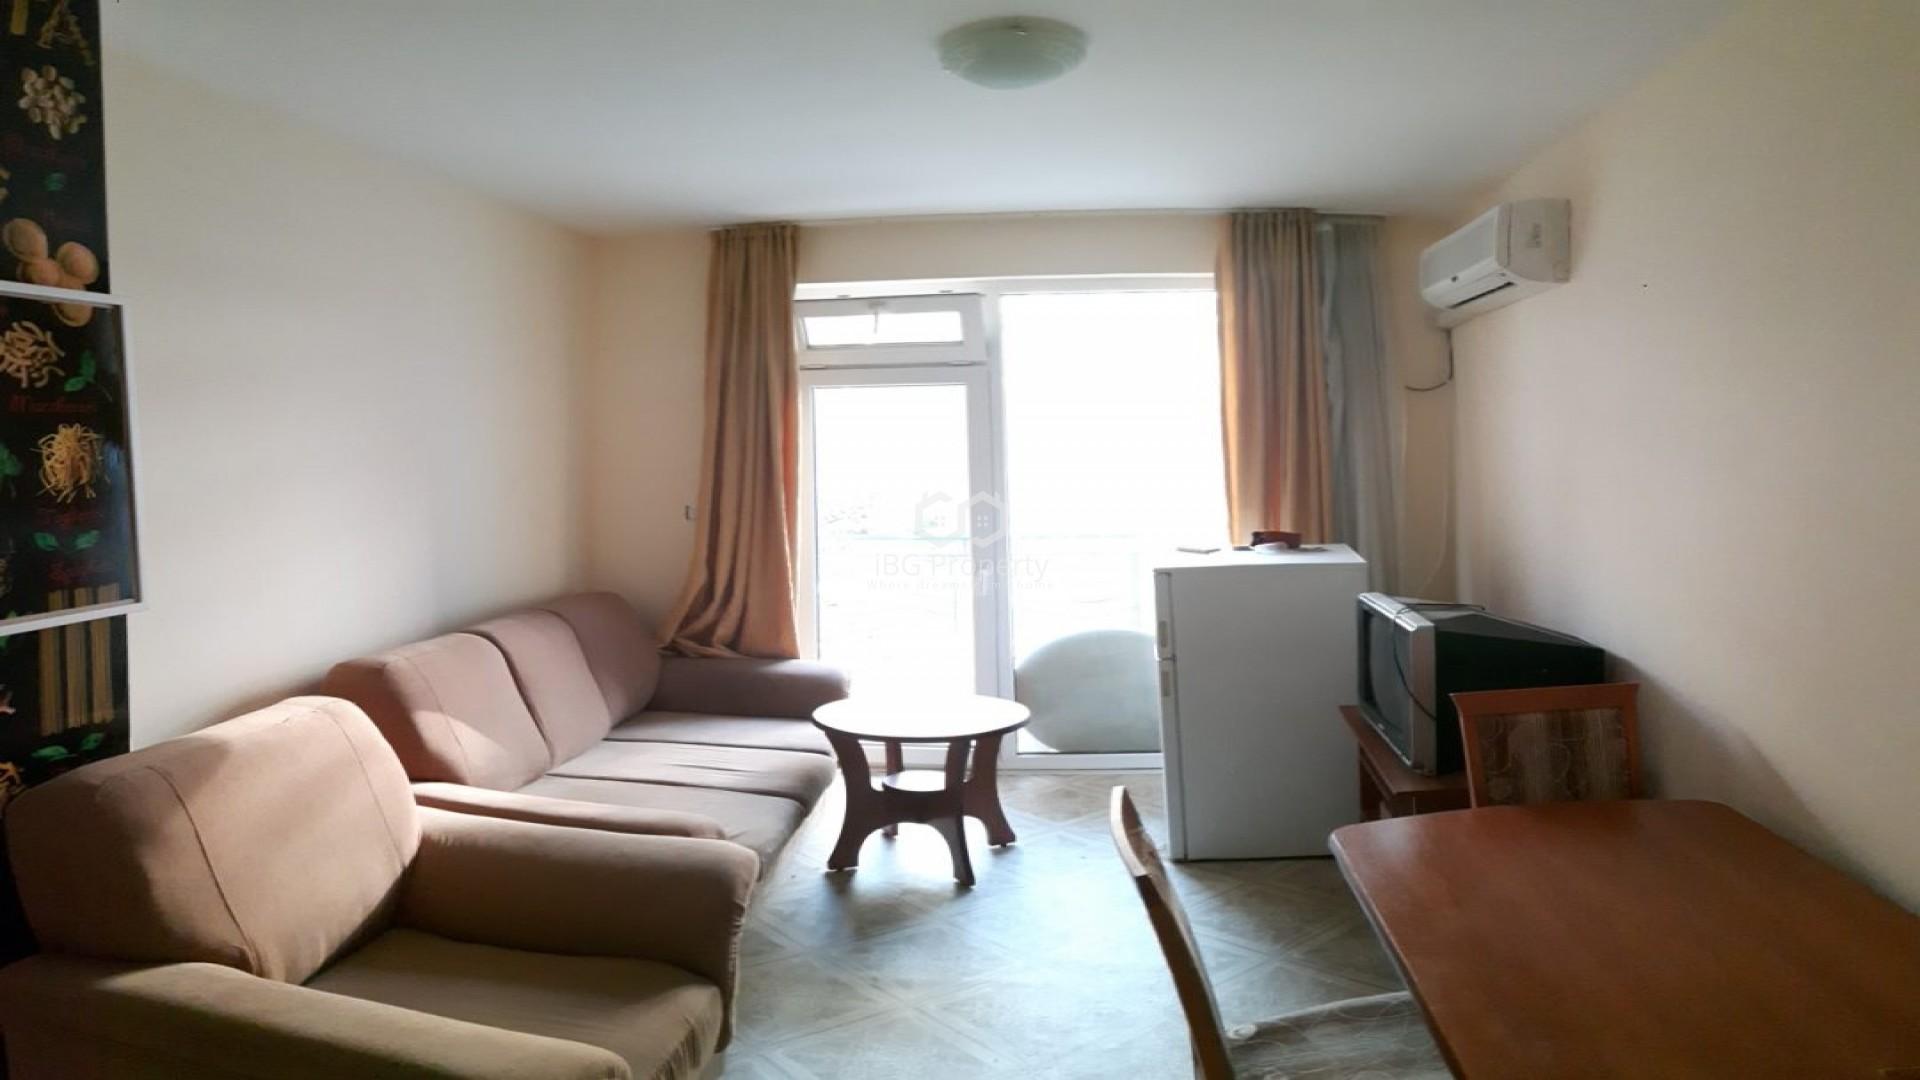 Zweizimmerwohnung in Sonnenstrand 52 m2